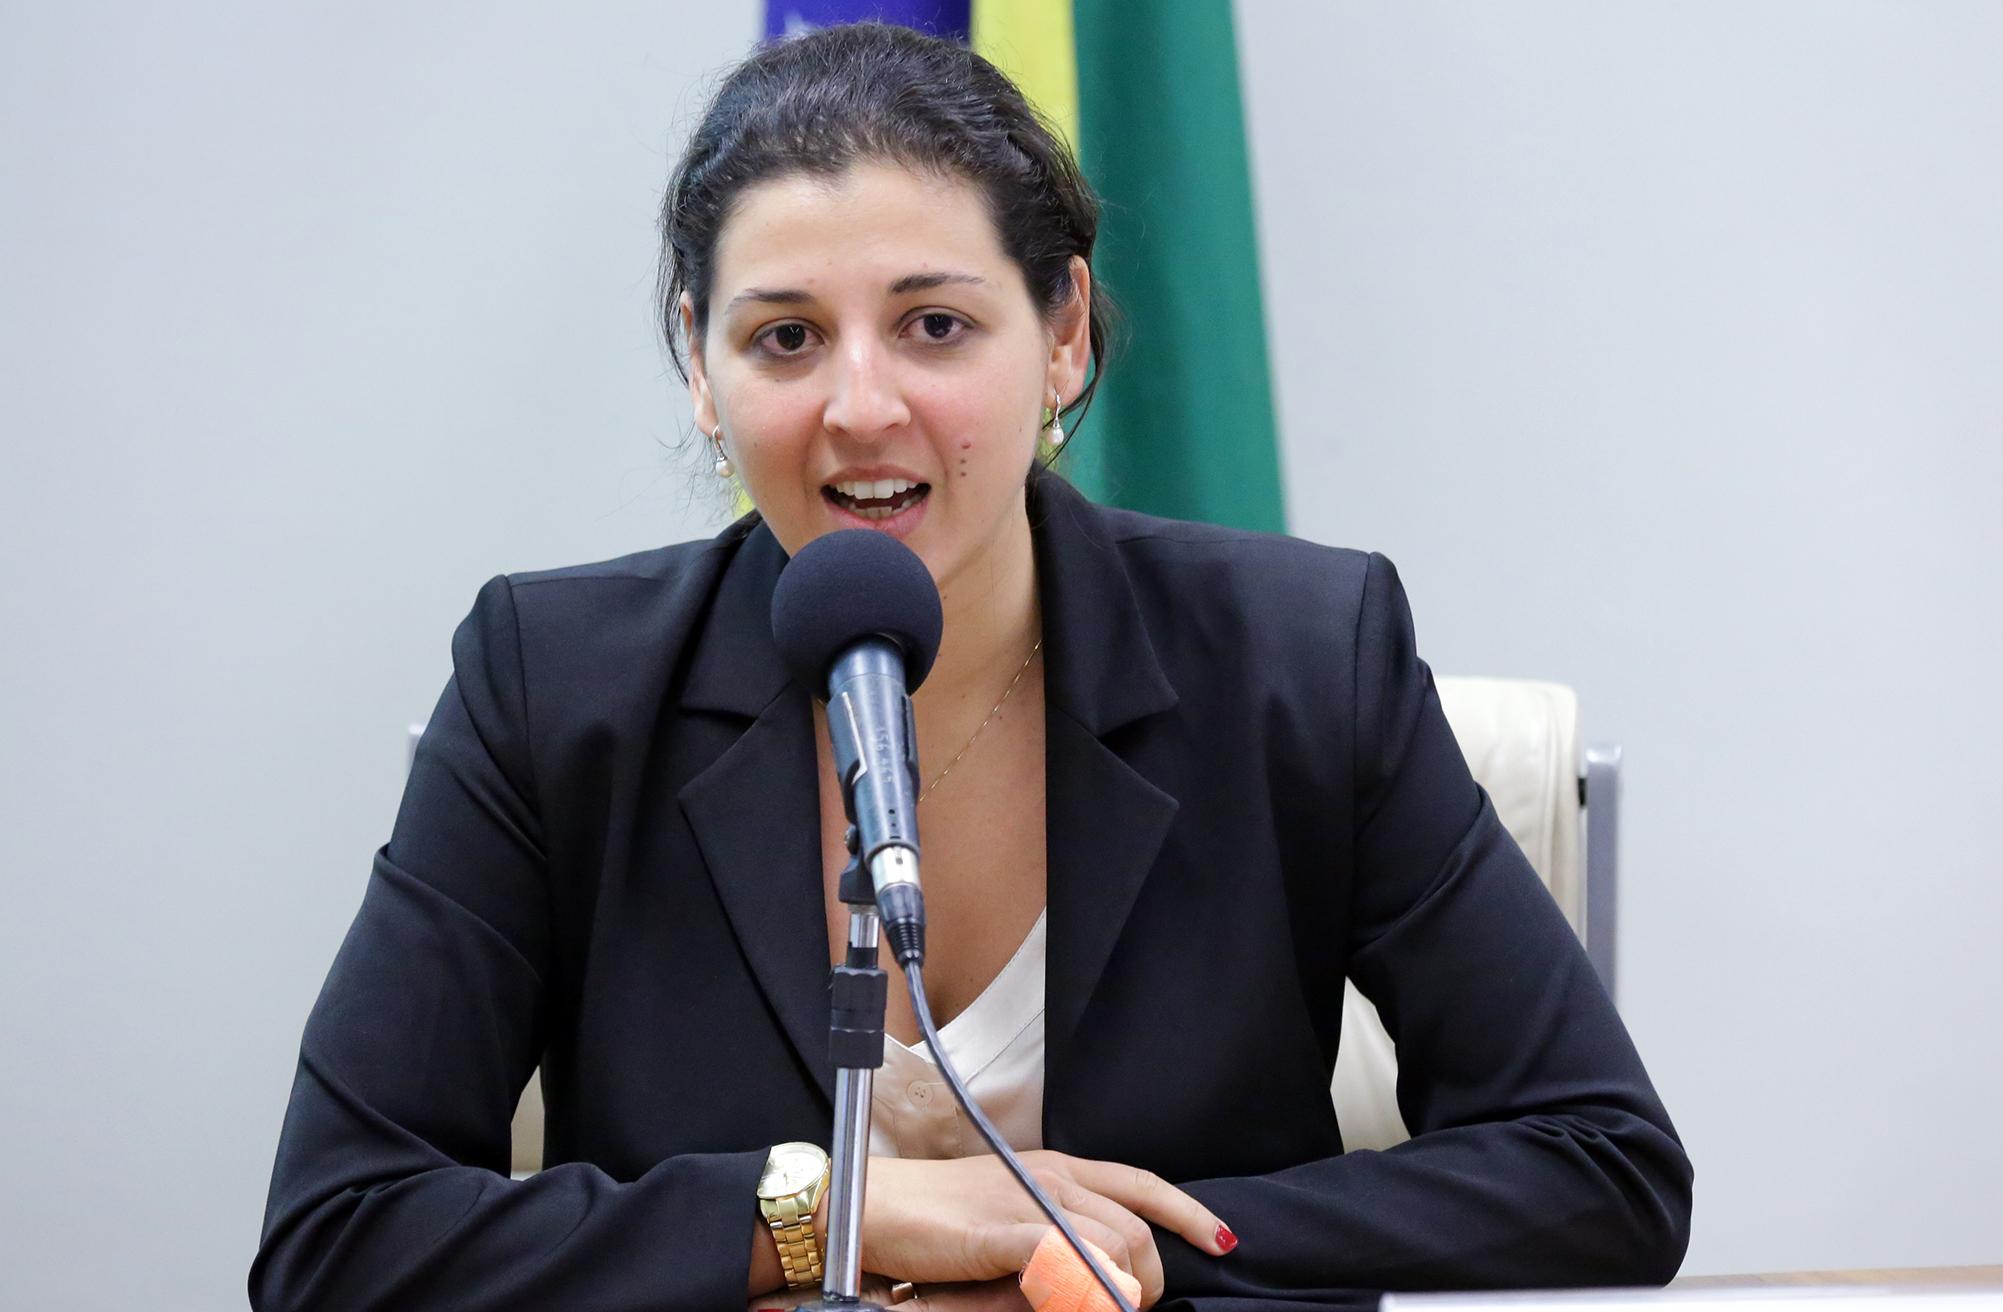 IV Seminário Internacional do Marco Legal da Primeira Infância. Audiência pública para debater o aumento da Licença Paternidade como estratégia para o Desenvolvimento Integral na Primeira Infância. Representante da Universidade de São Paulo (USP), Paula Pereda